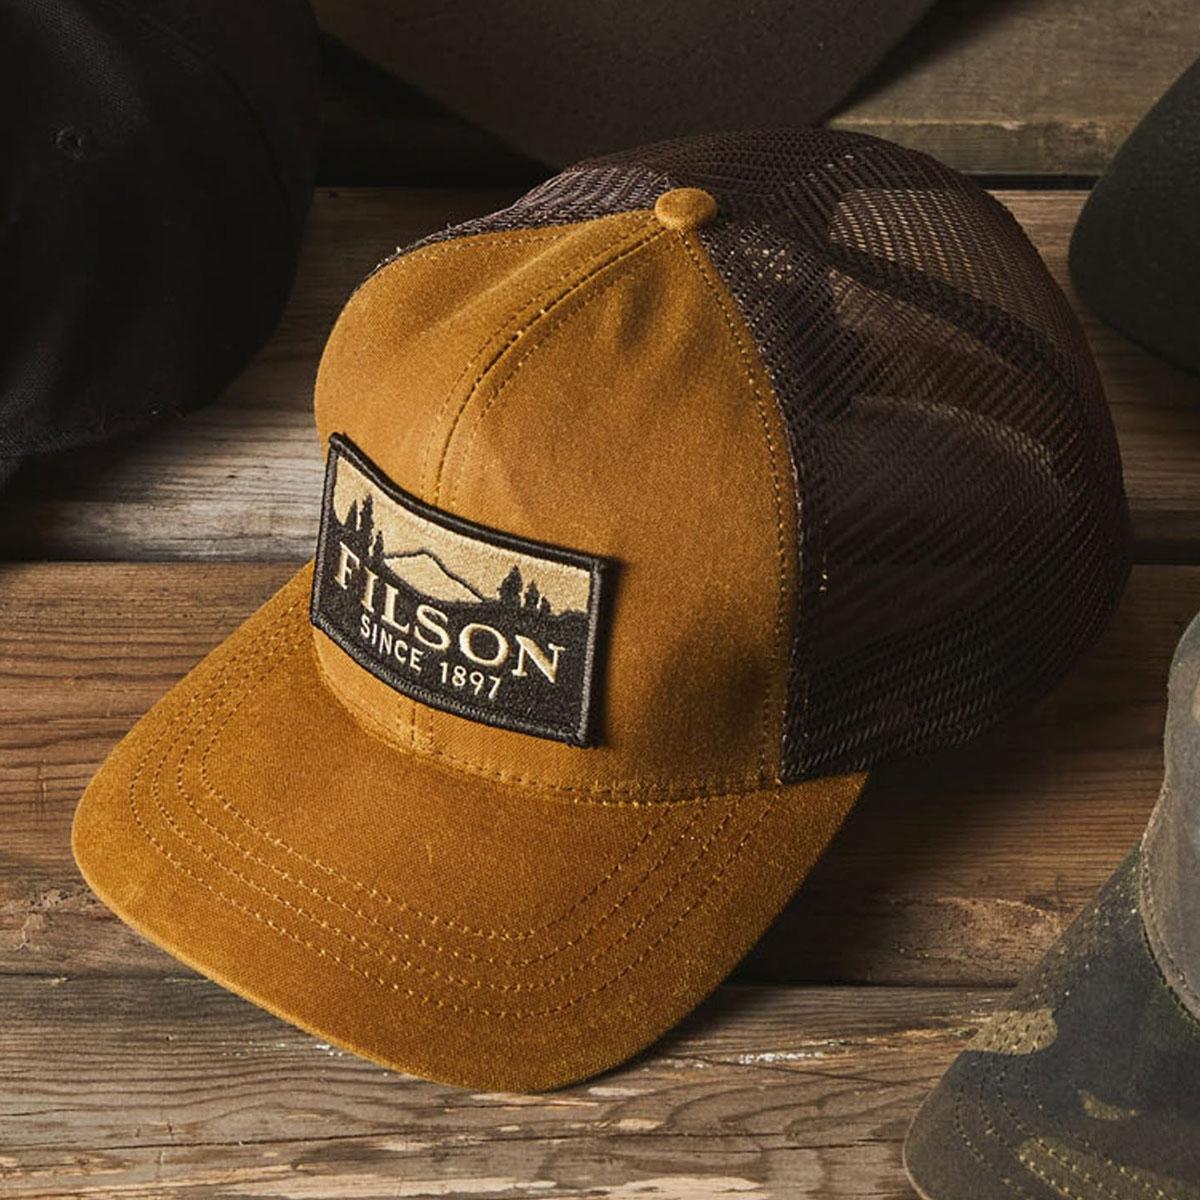 Filson Logger Mesh Cap 11030237-Dark Tan, strapazierfähige Kappe aus ikonischem, wasserabweisendem Tin Cloth